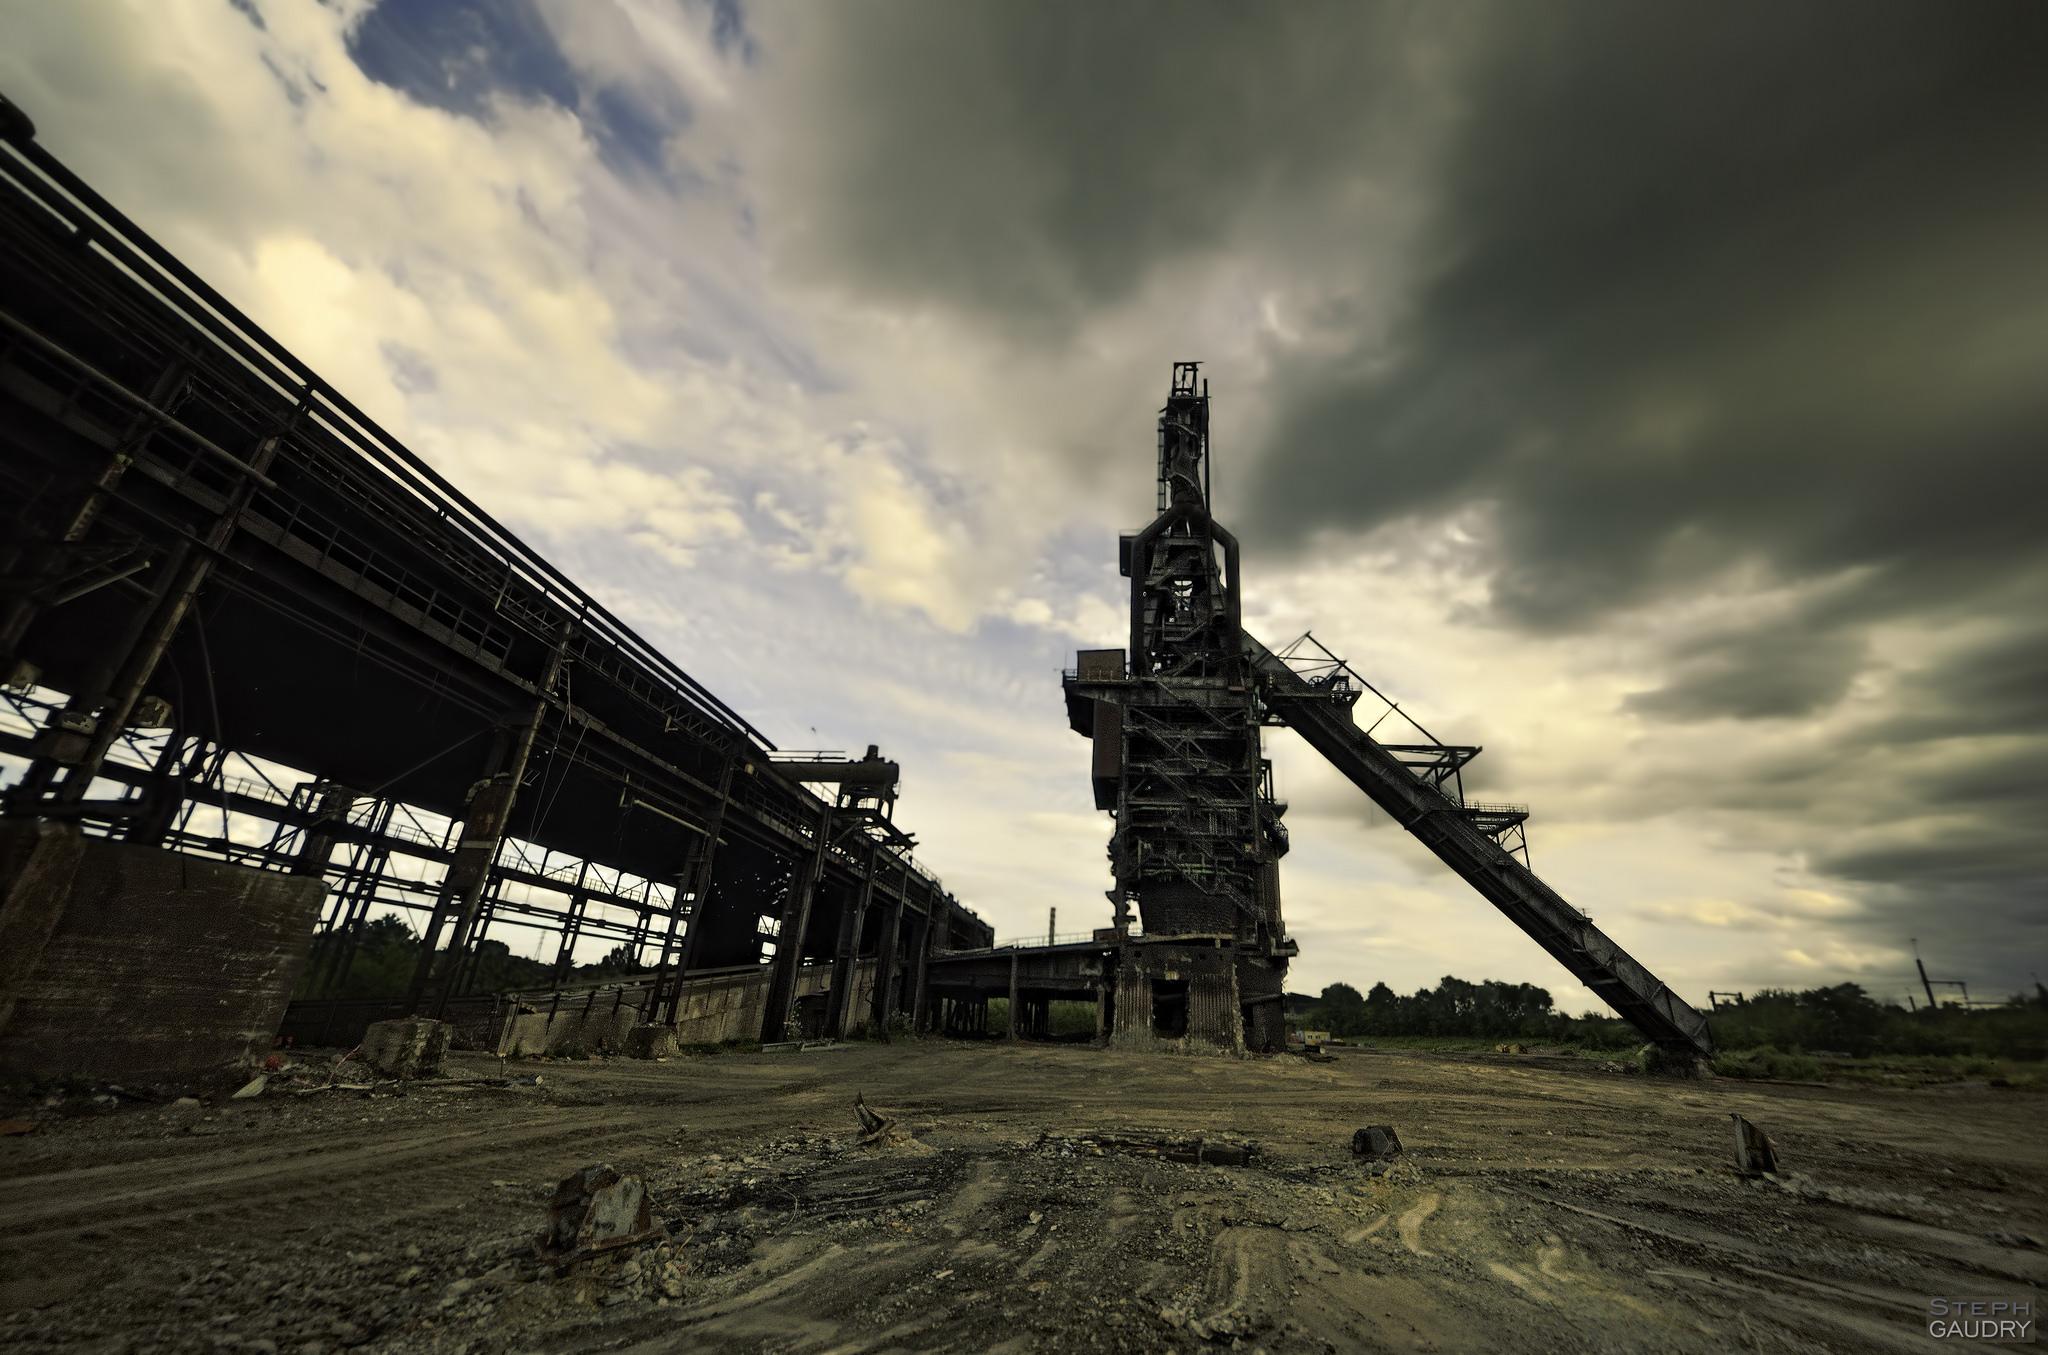 Haut Fourneau 6 des forges de Clabecq, pendant son démantellement